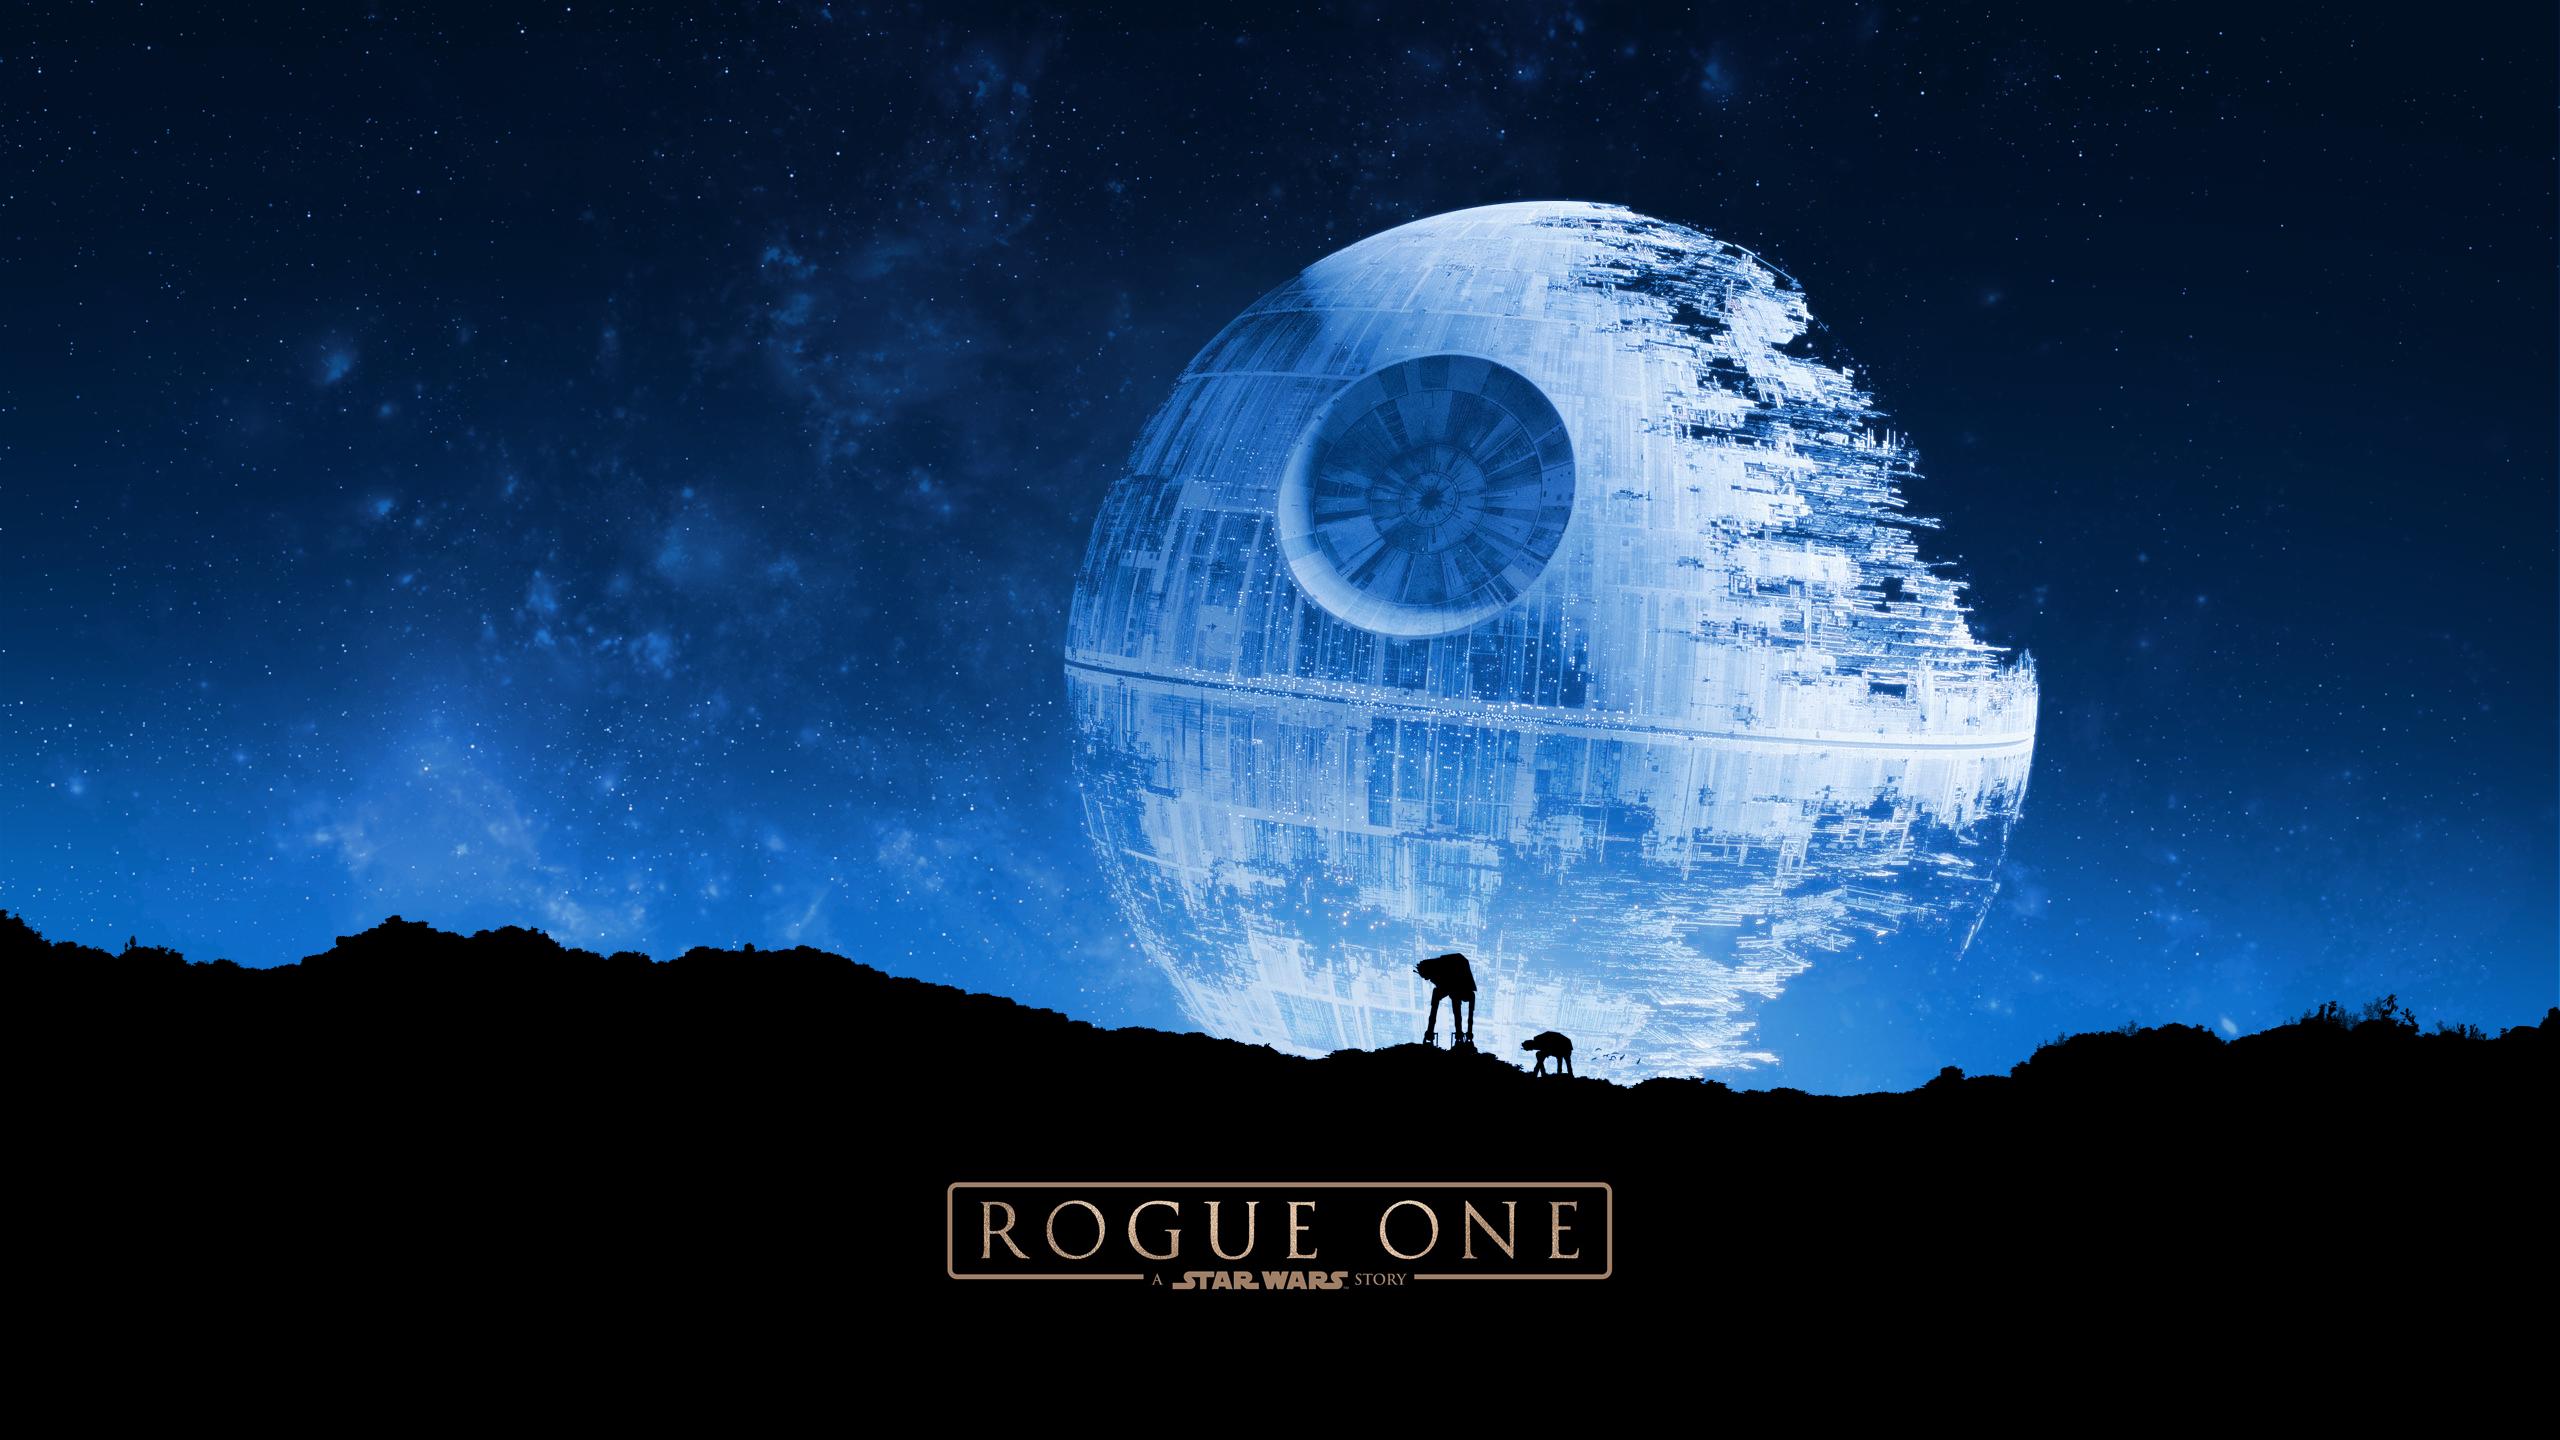 Star Wars Rogue One 2560x1440 ¹ターウォーズアート ¹ターウォーズ Å£ç´™ Å£ç´™ã'¢ãƒ¼ãƒˆ